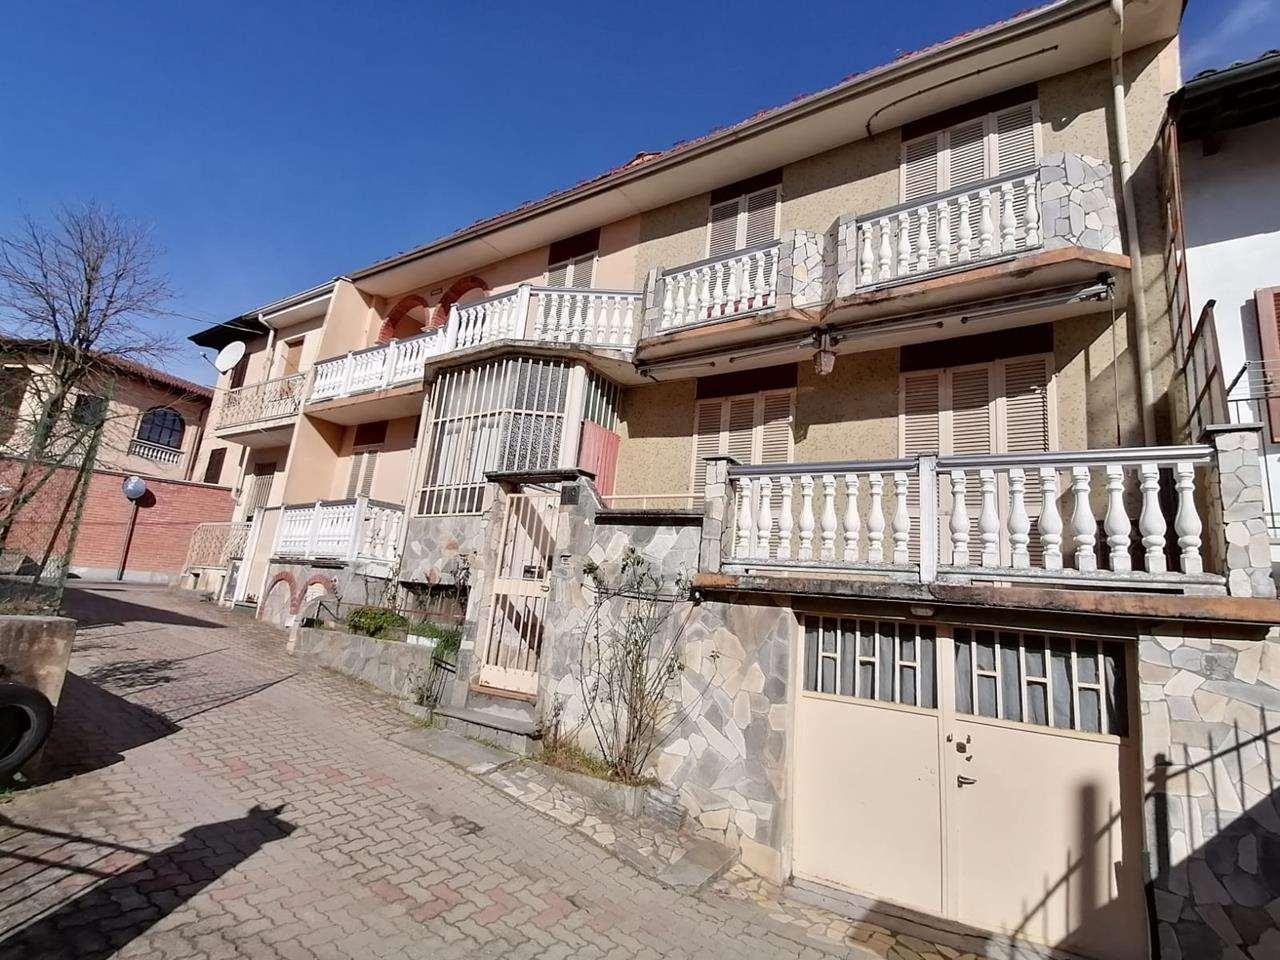 Rustico / Casale in vendita a Arignano, 6 locali, prezzo € 112.000   CambioCasa.it